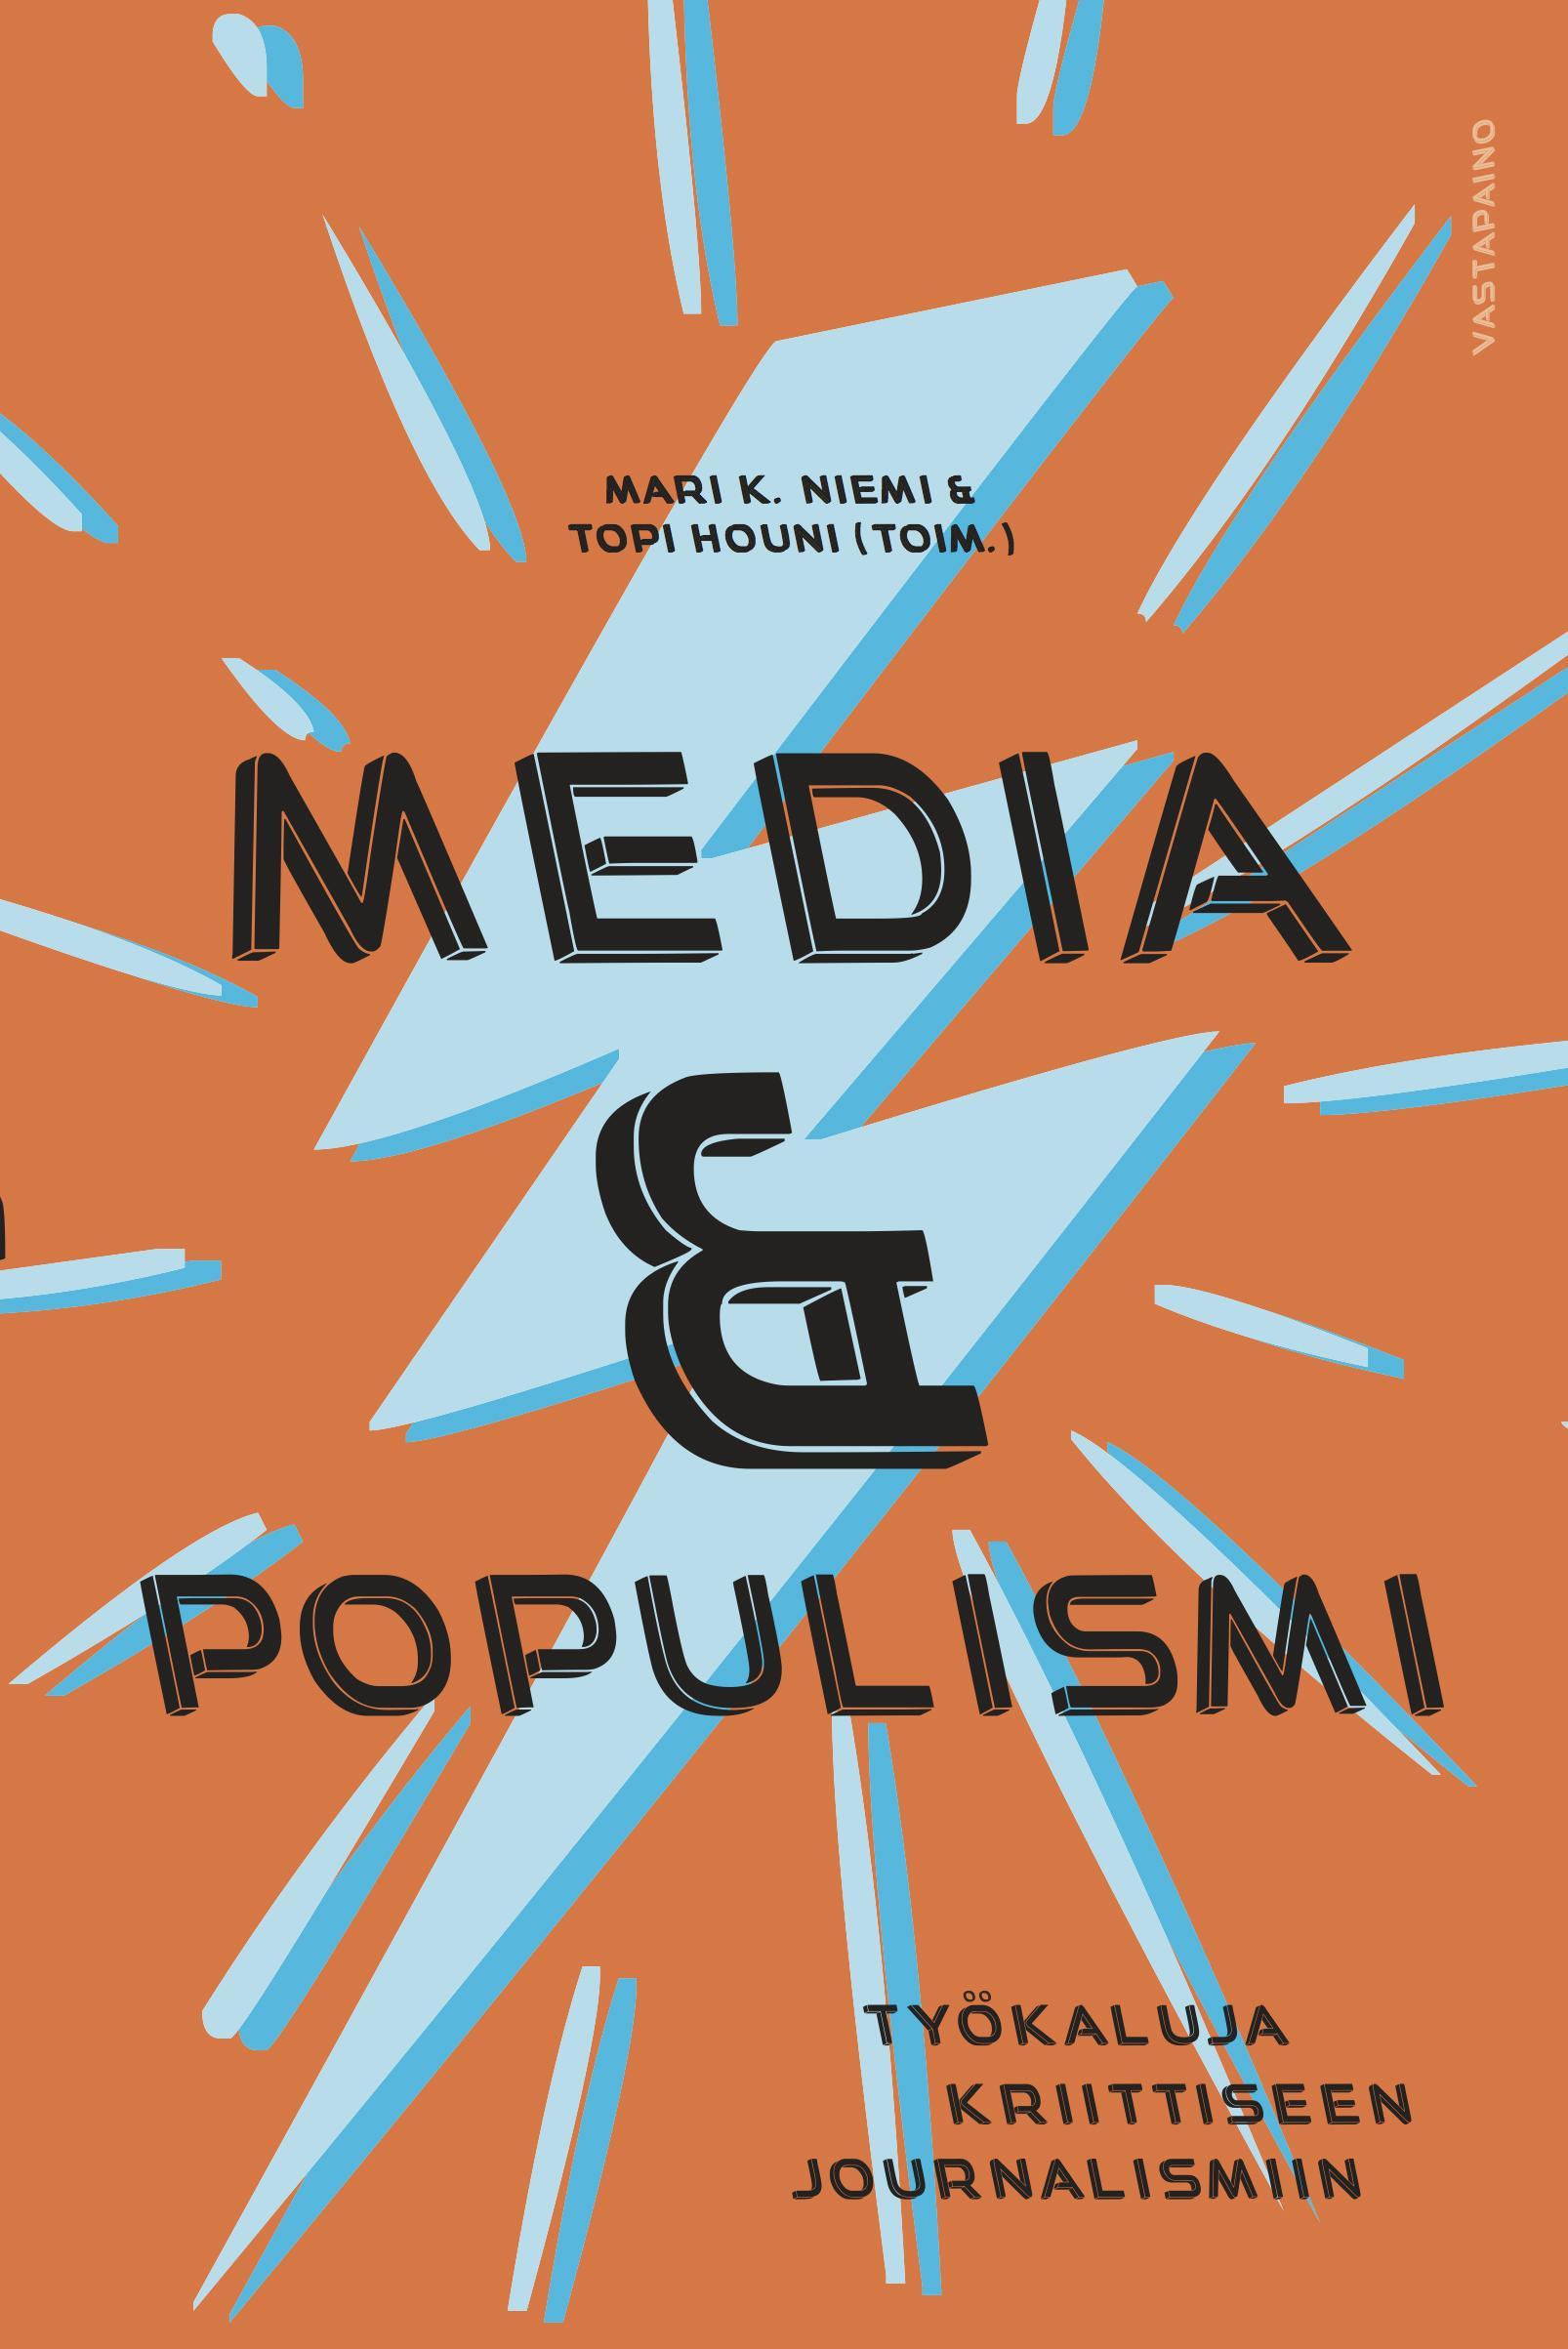 Media ja populismi